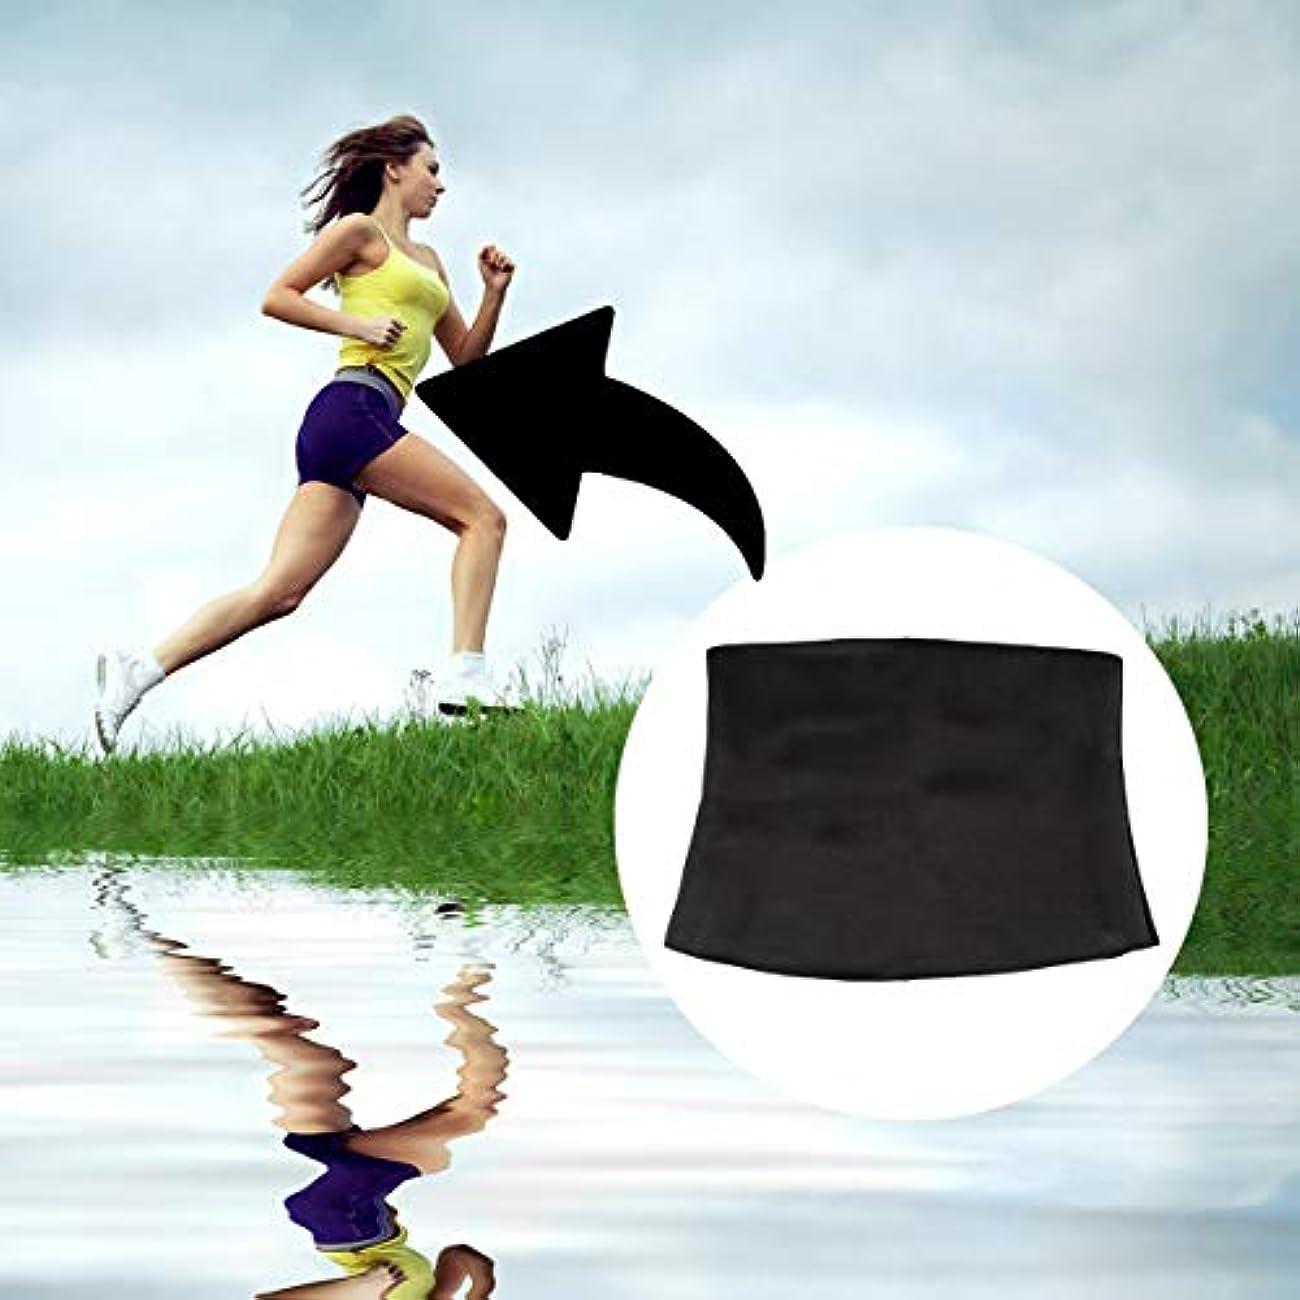 インストラクター変更可能手術Women Adult Solid Neoprene Healthy Slimming Weight Loss Waist Belts Body Shaper Slimming Trainer Trimmer Corsets